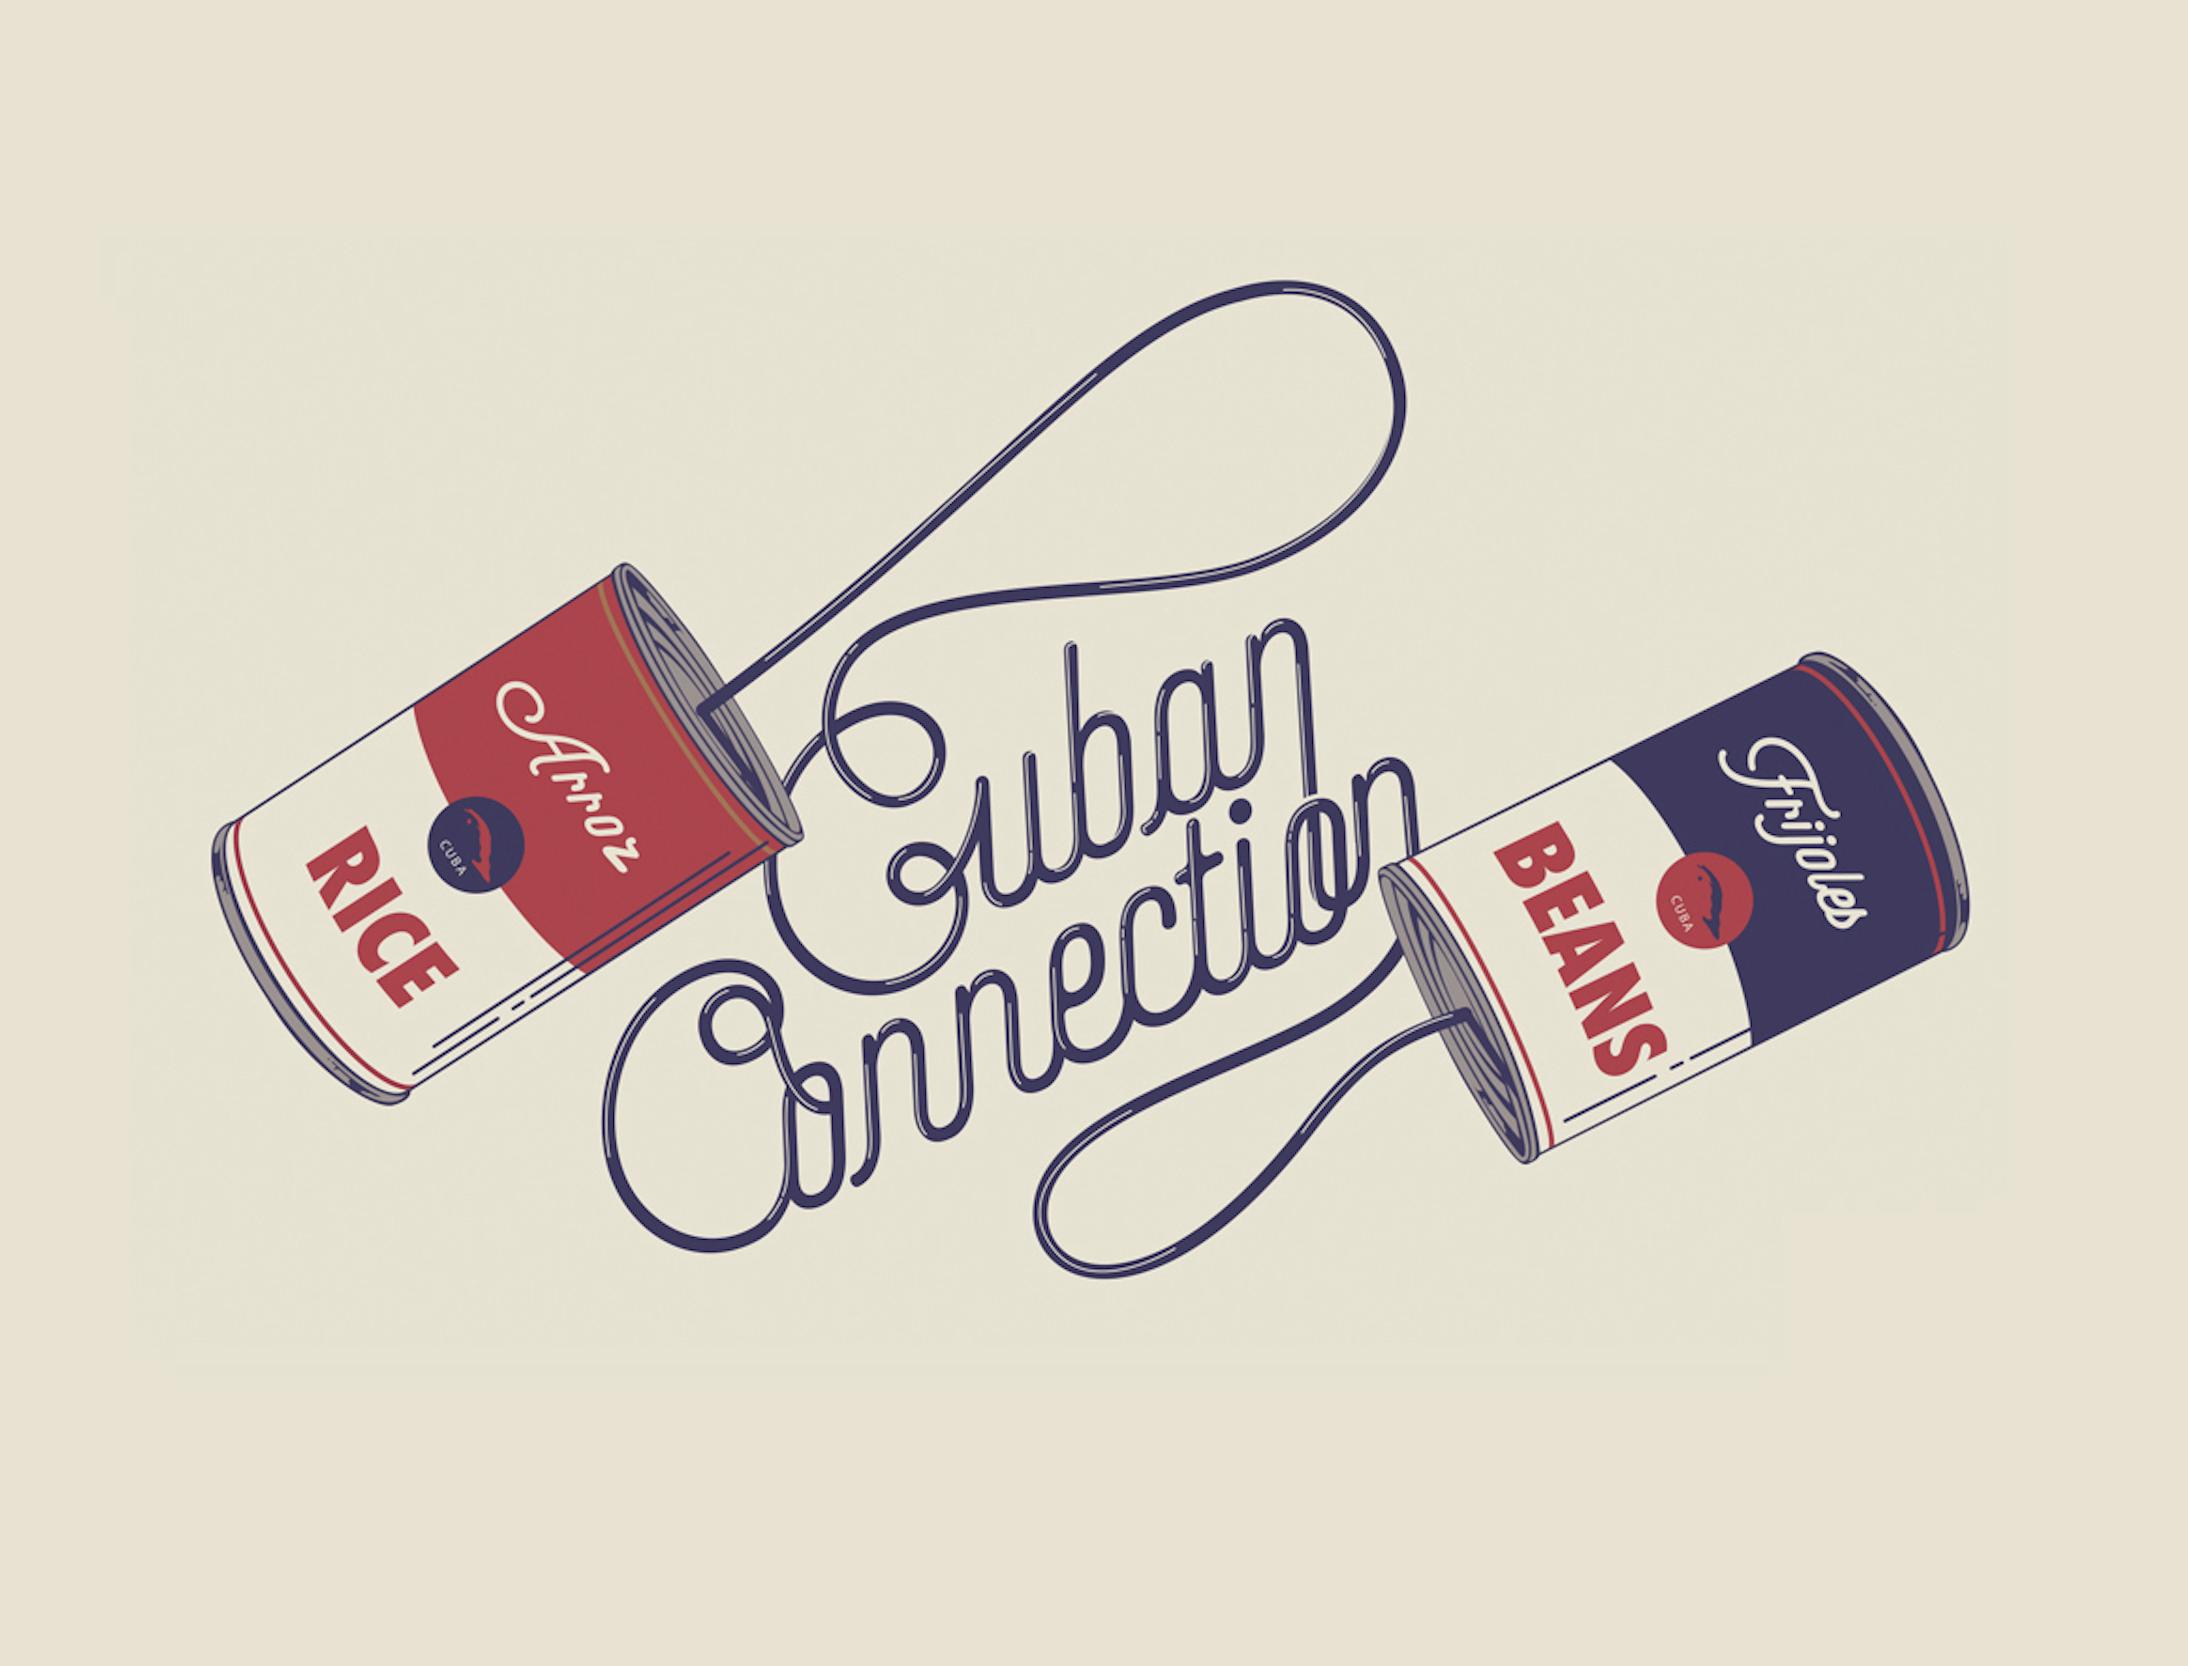 CUBAN CONNECTION